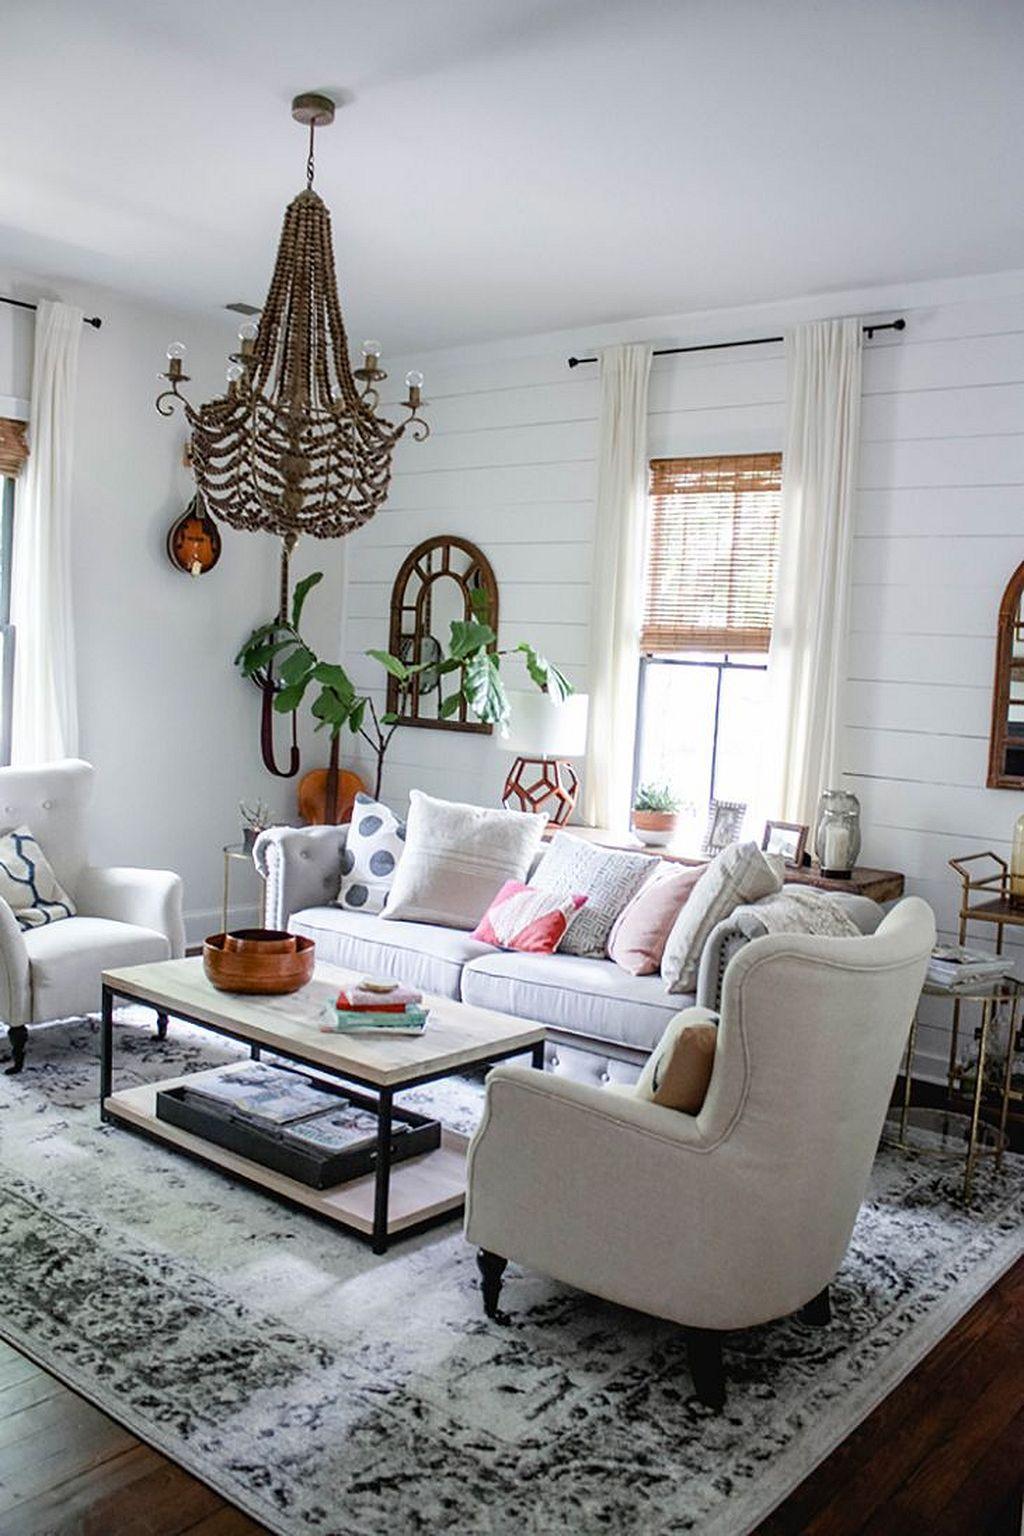 50+ beautiful farmhouse living room decorating ideas | farmhouse